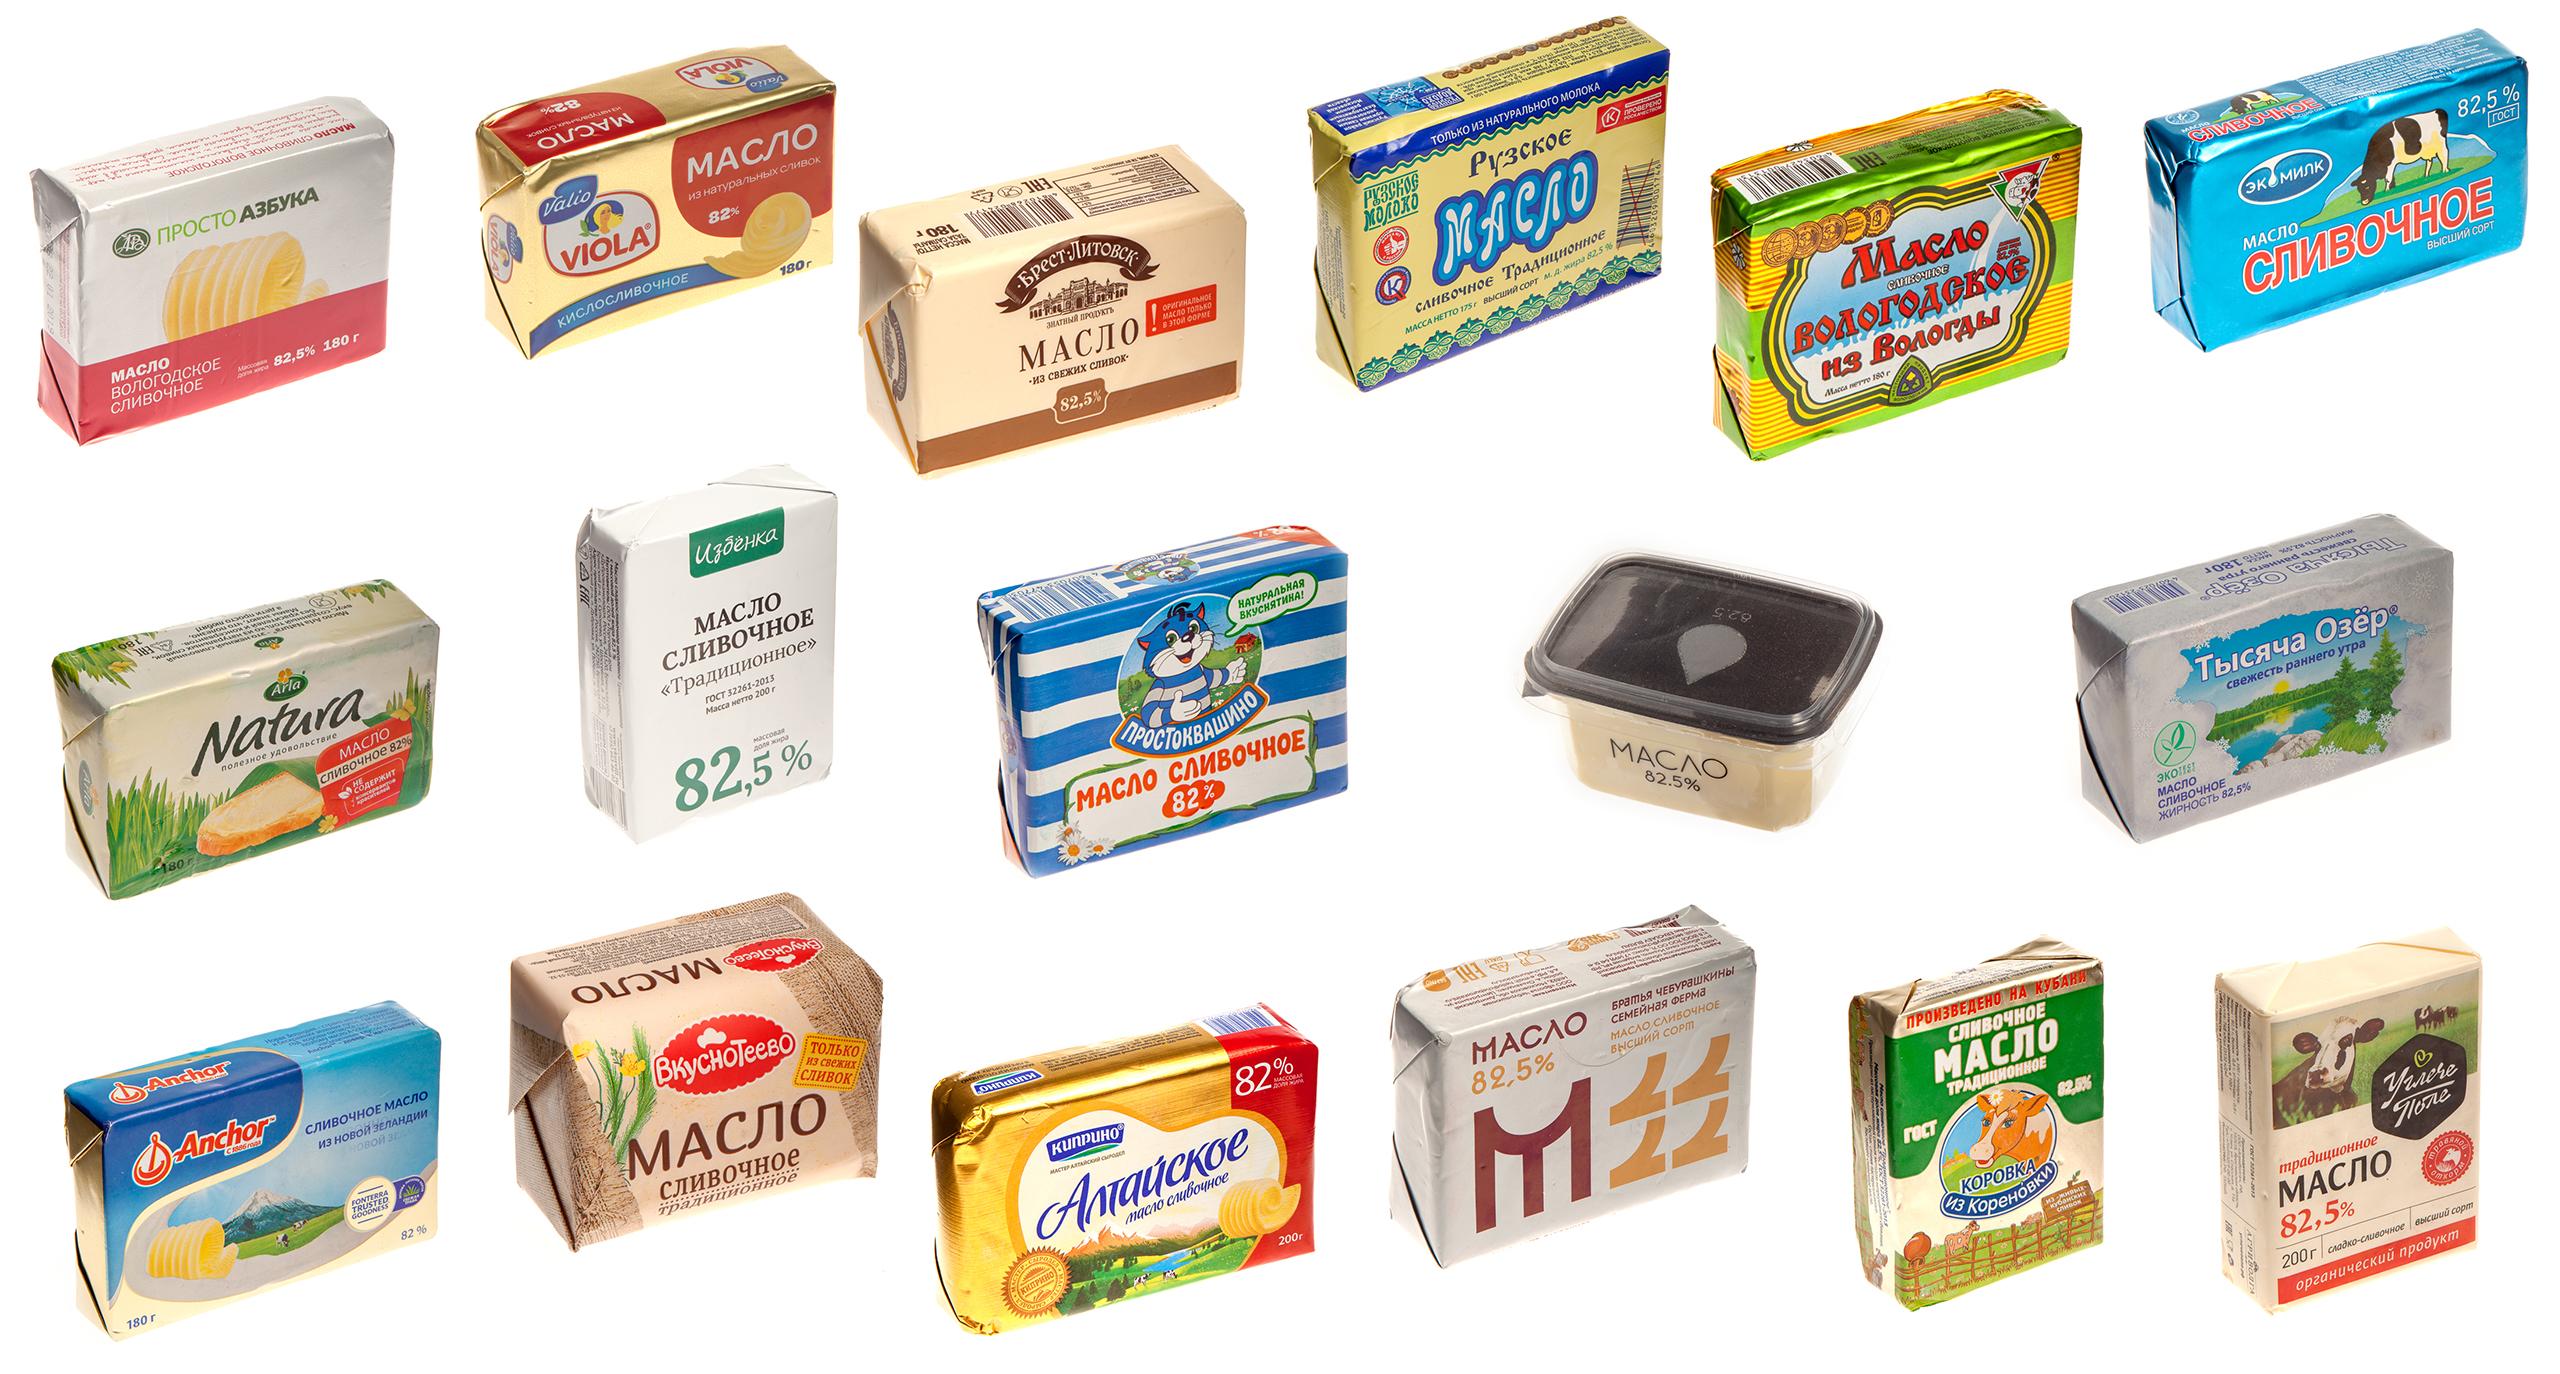 Масло чухонское: свойства и рецепт приготовления : labuda.blog масло чухонское: свойства и рецепт приготовления — «лабуда» информационно-развлекательный интернет журнал